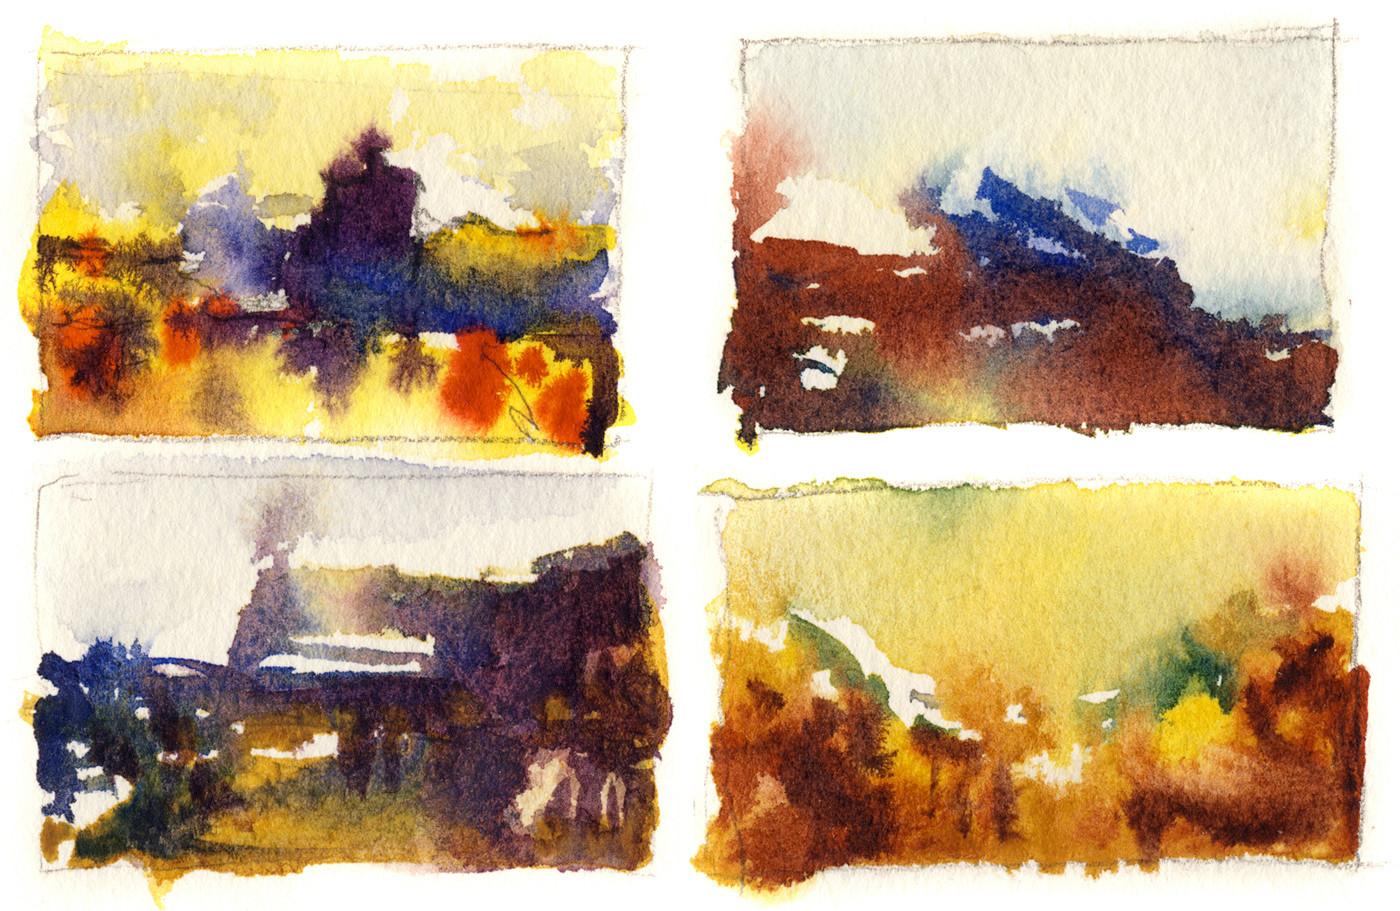 Turner Master Composition Studies